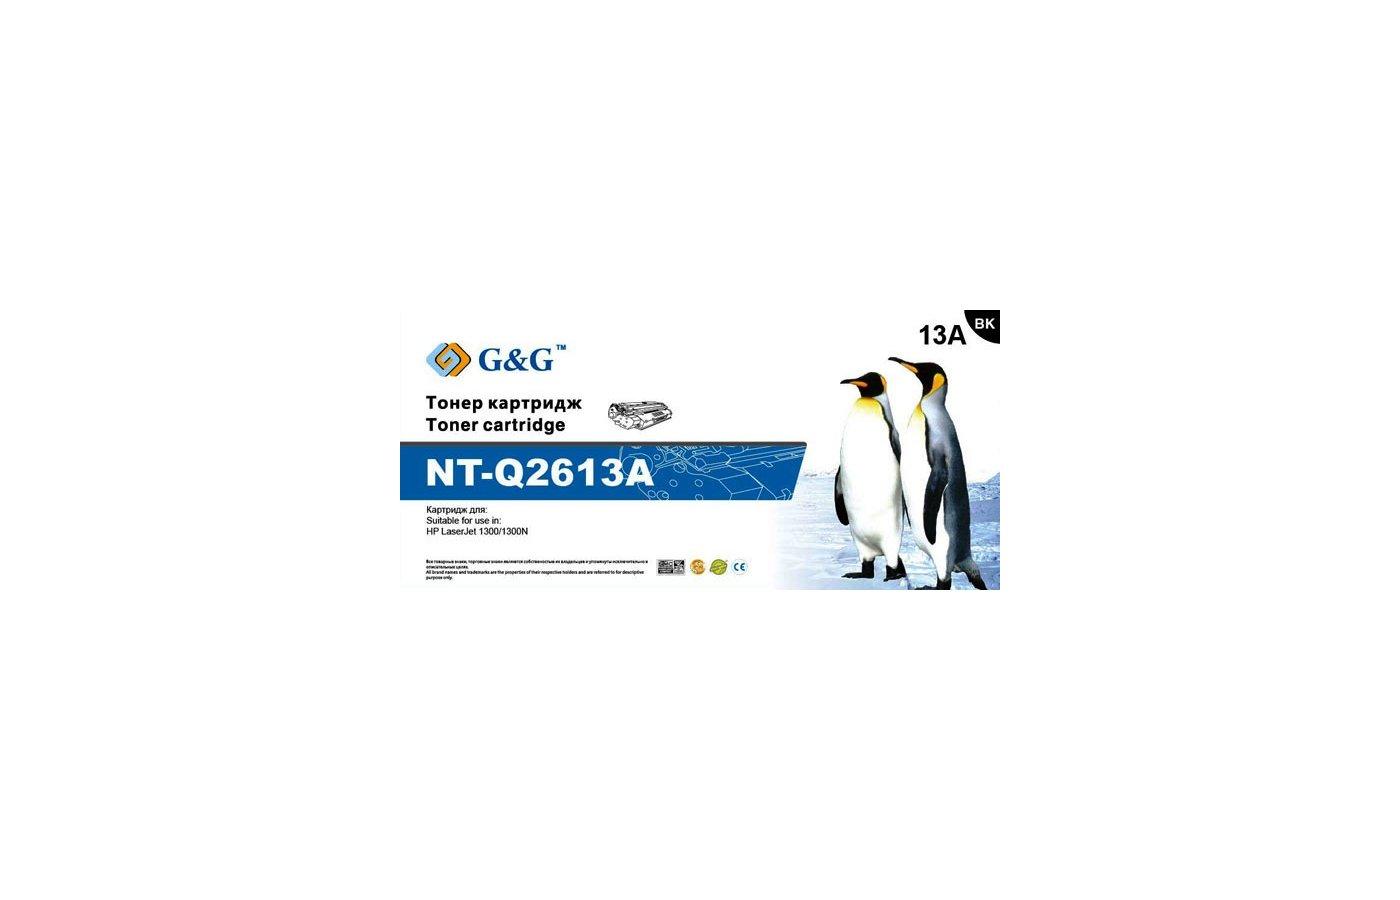 Картридж лазерный GG NT-Q2613A Совместимый для НР LaserJet 1300 (2500стр)